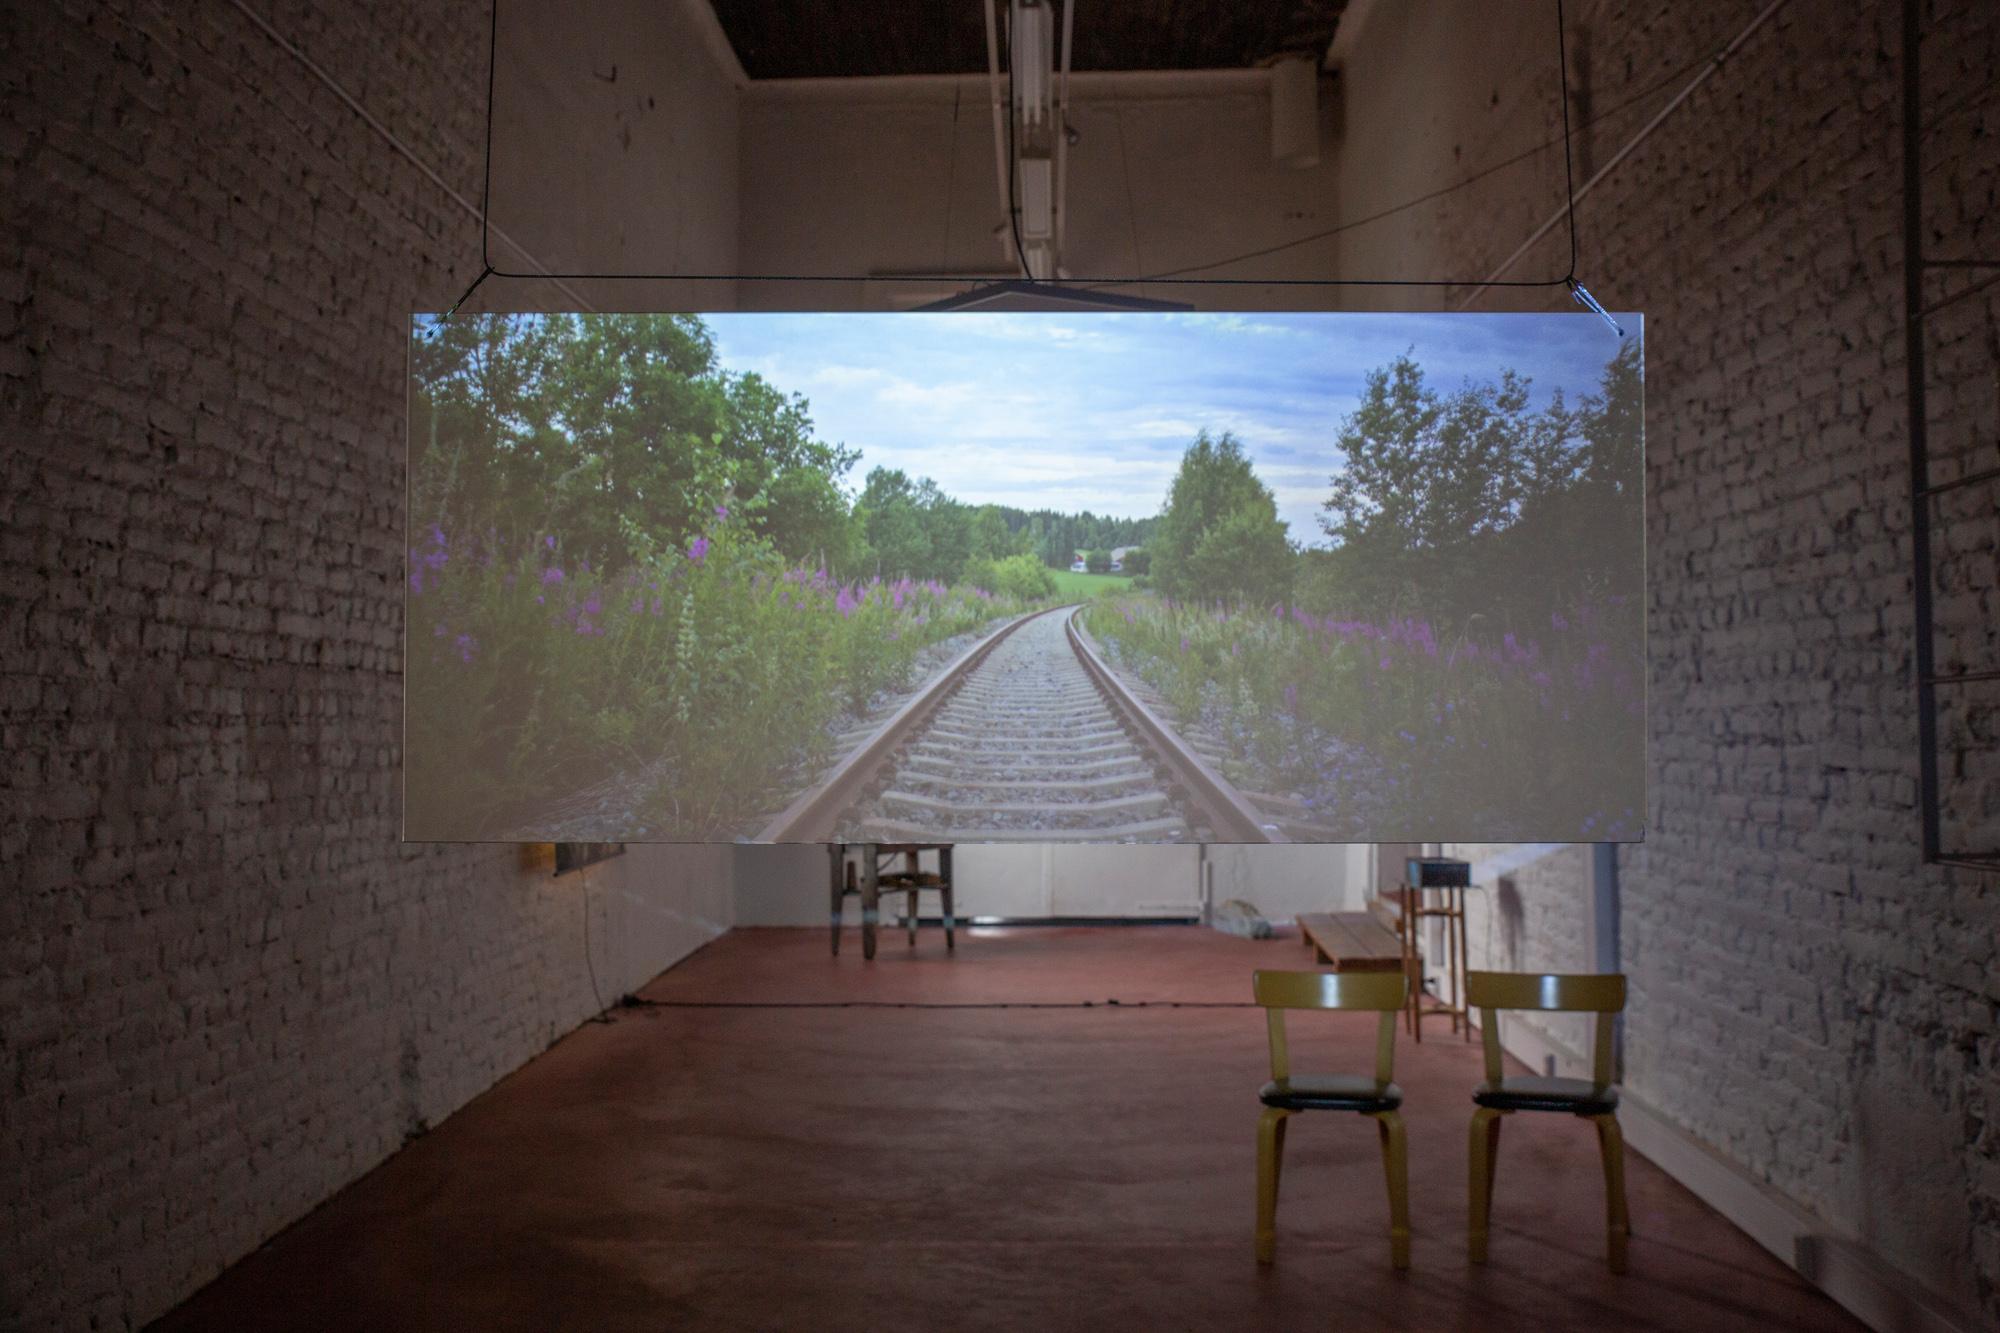 Jaakko Ruuska: Rantasalmi-Savonlinna - Disconnected Space (2018)